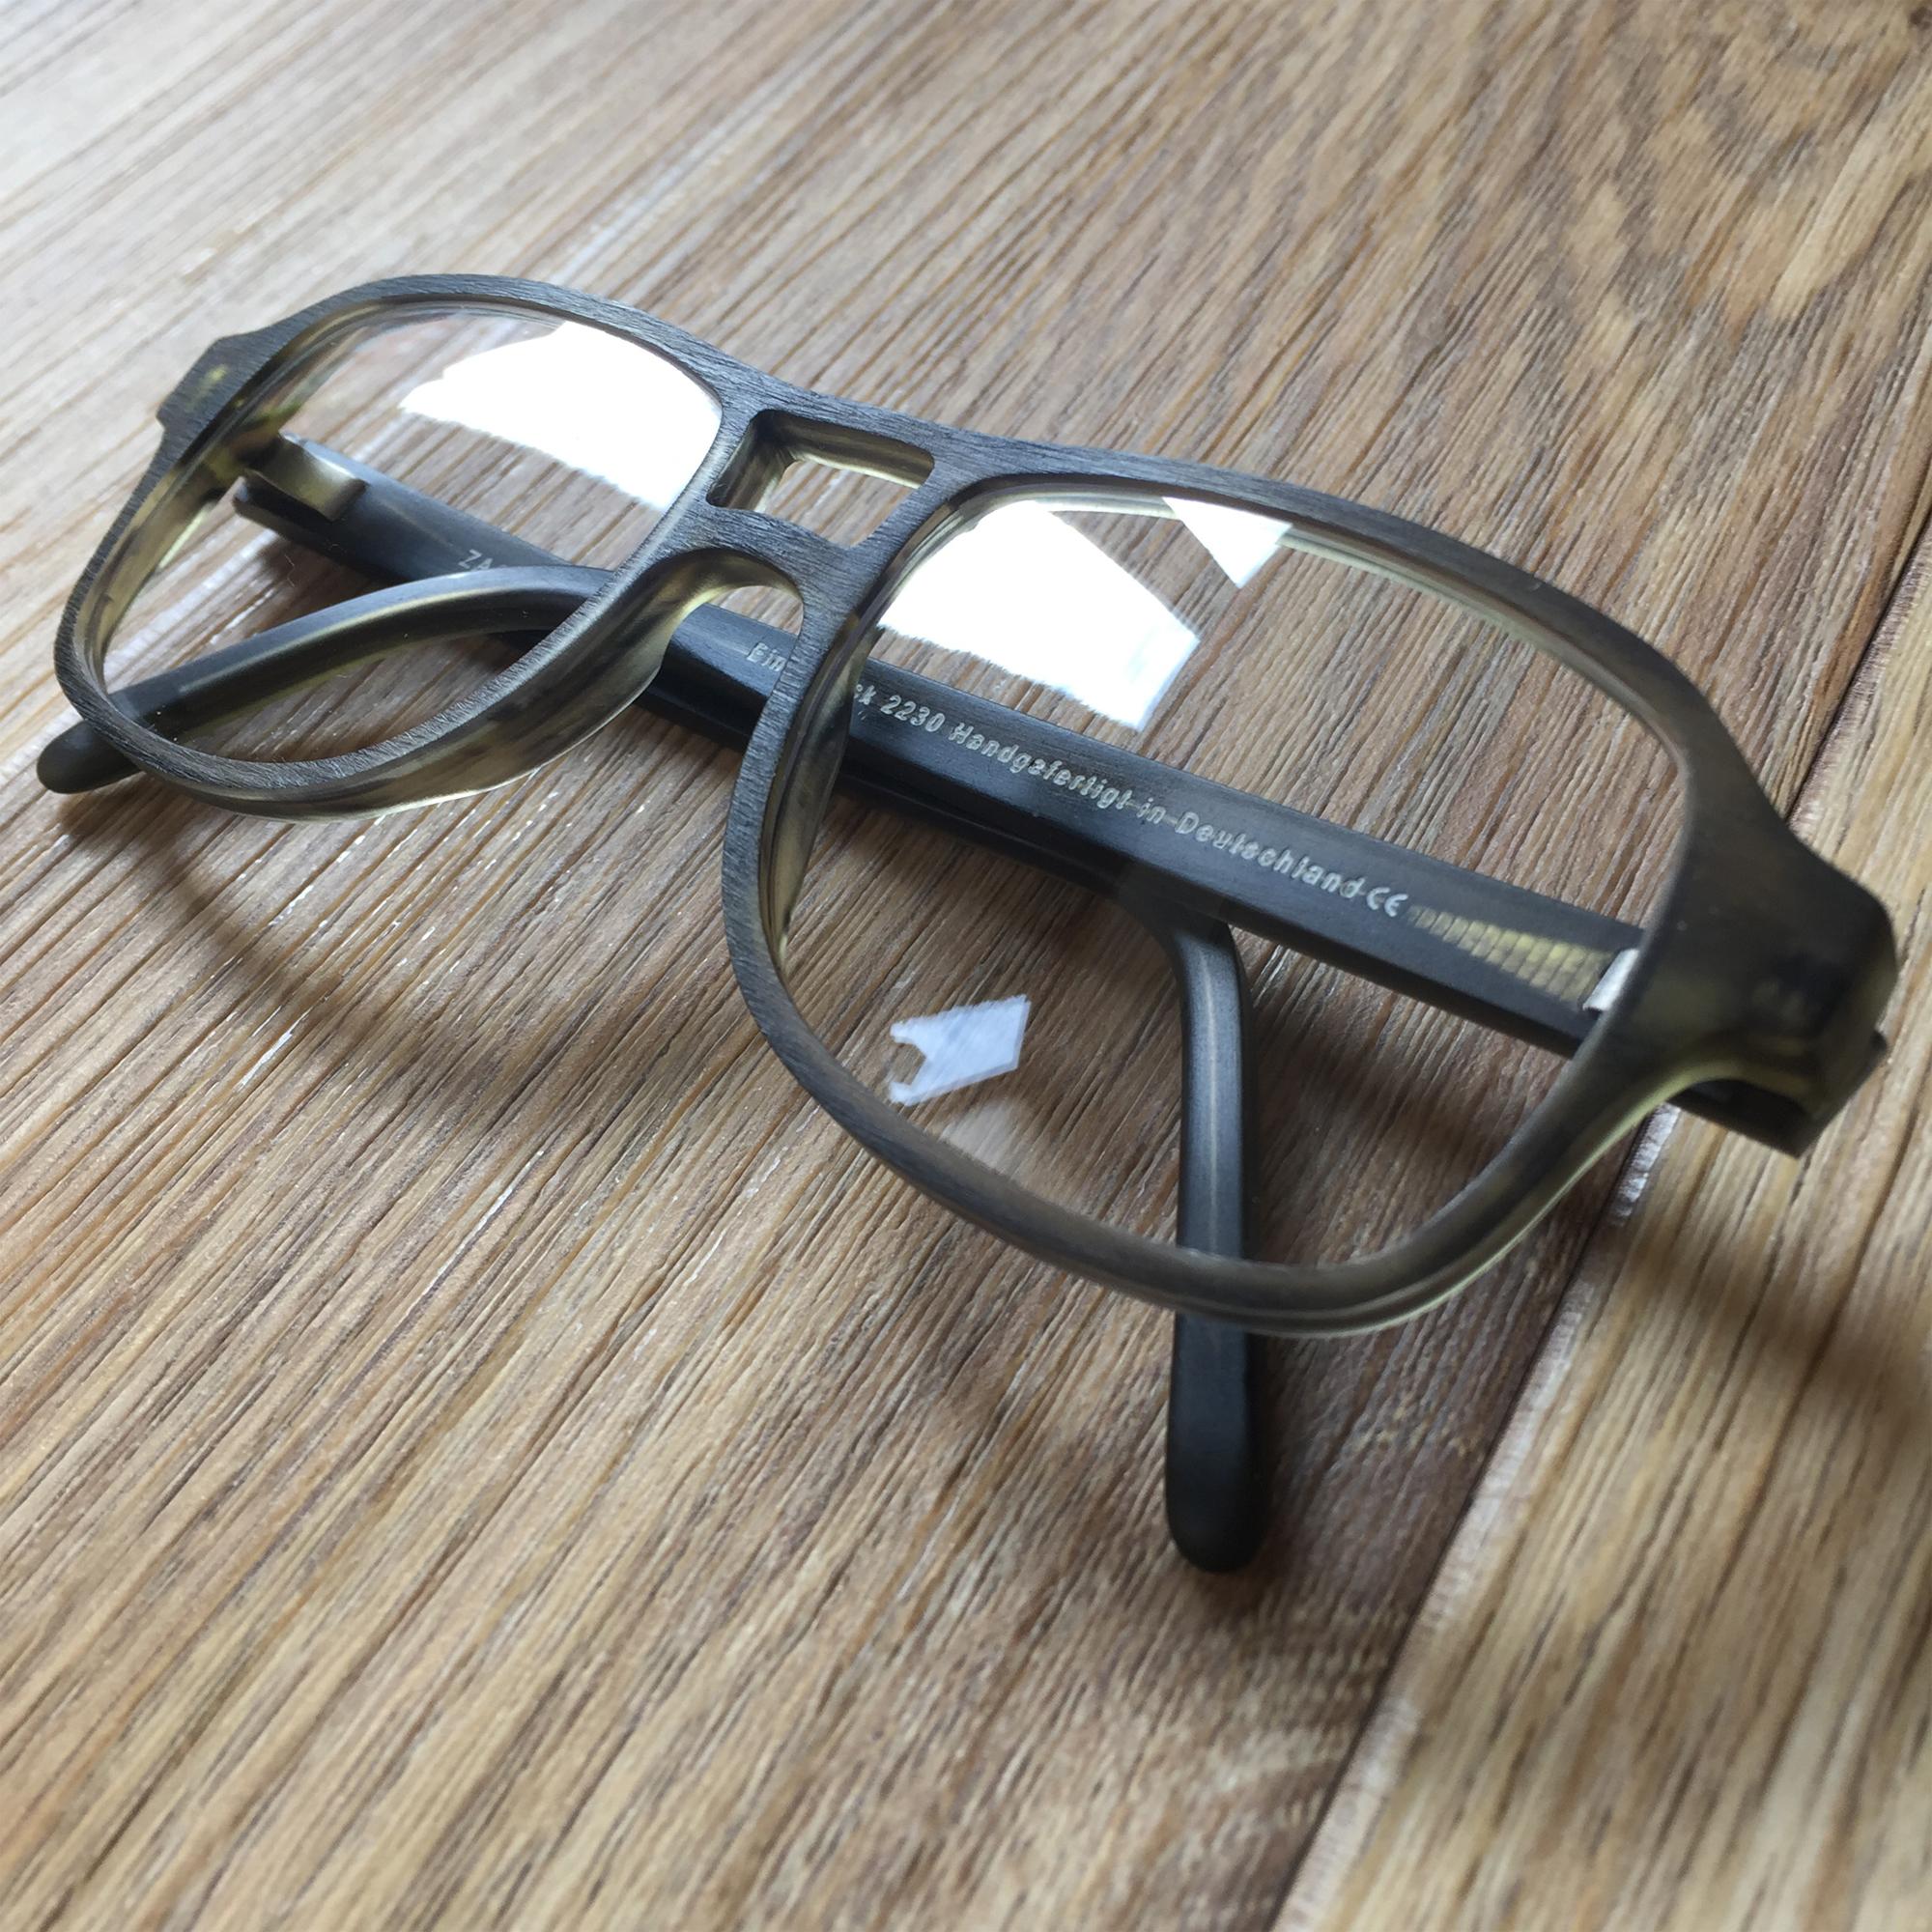 Maßbrille von Optiker Zacher Erfurt #Sonderanfertigung #Lieblingsbrille #Brillenliebhaber